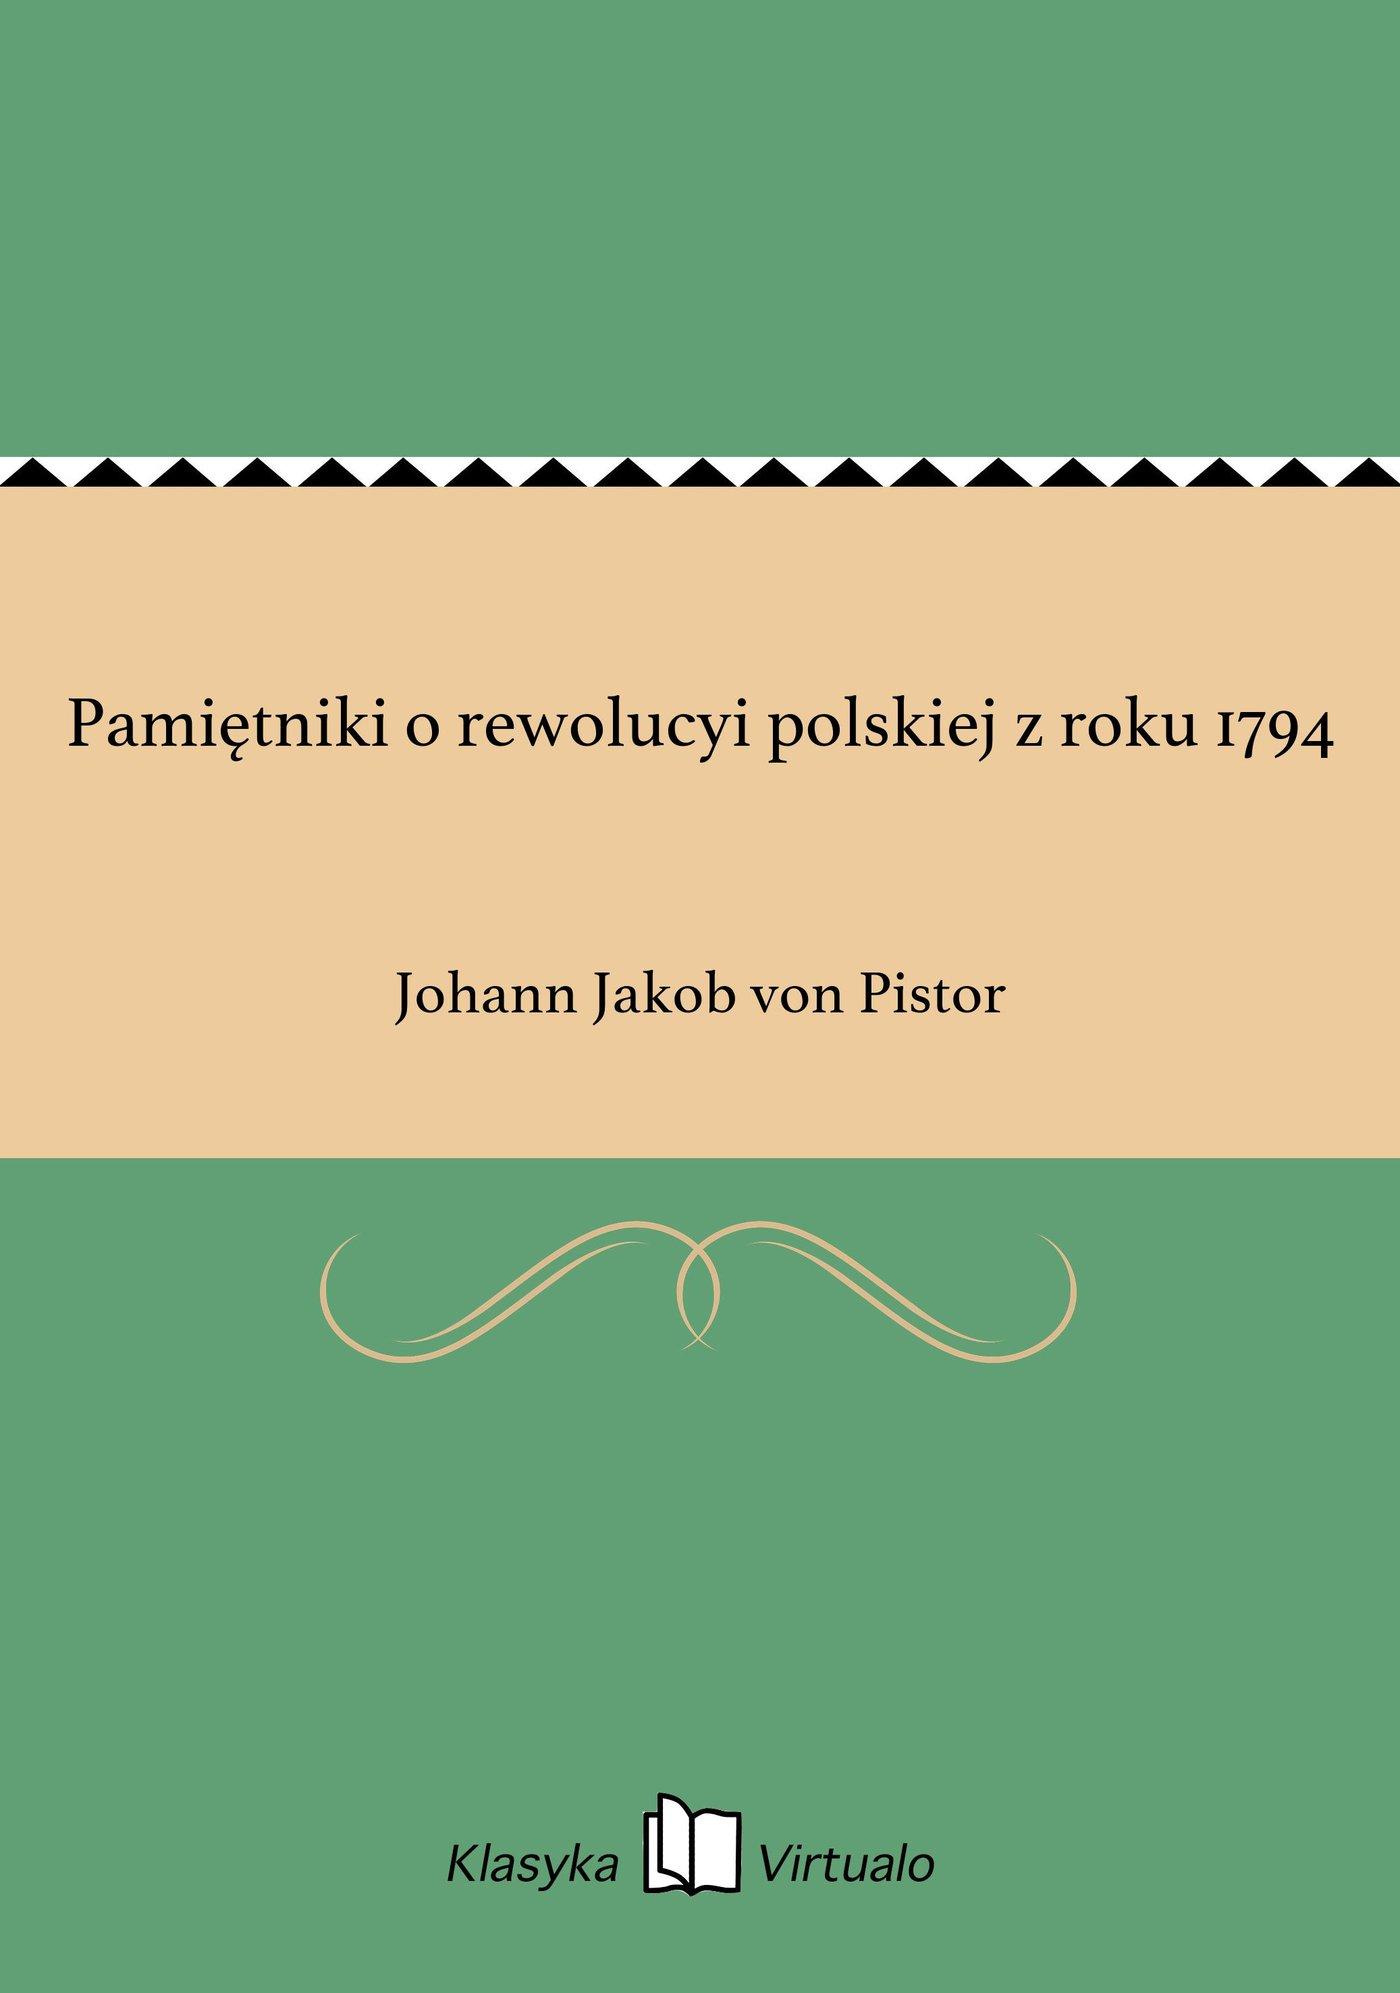 Pamiętniki o rewolucyi polskiej z roku 1794 - Ebook (Książka EPUB) do pobrania w formacie EPUB